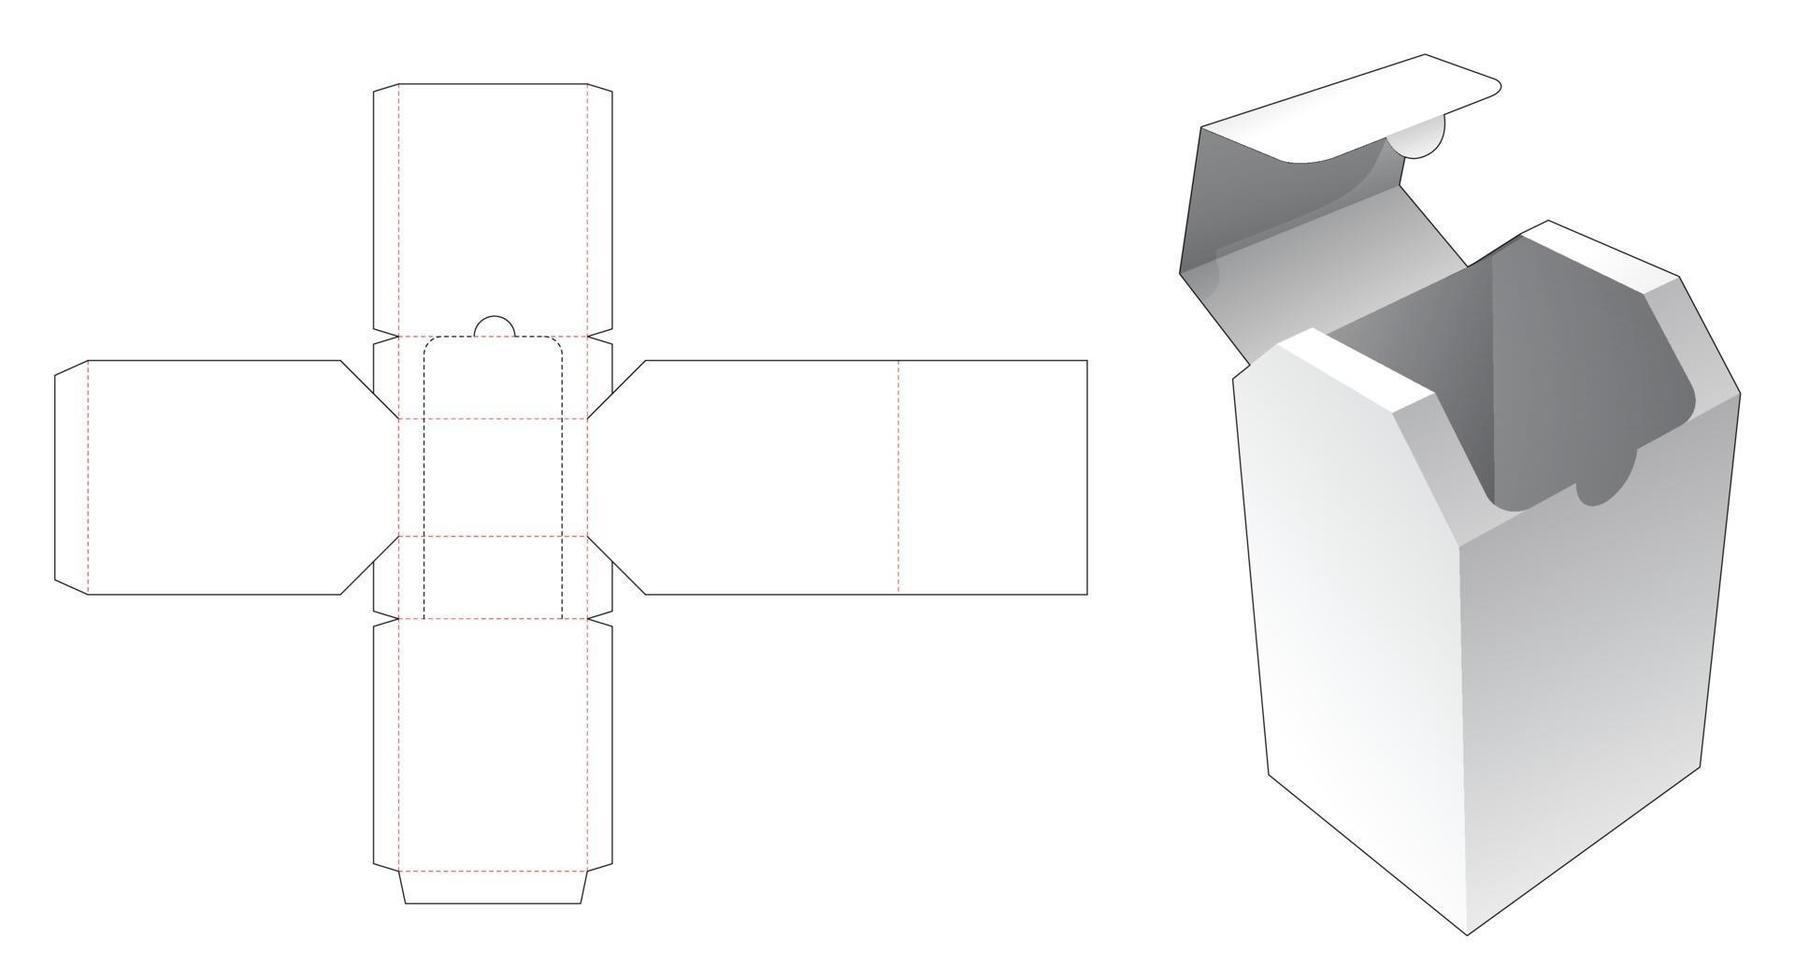 caixa chanfrada com molde de corte e vinco de abertura vetor